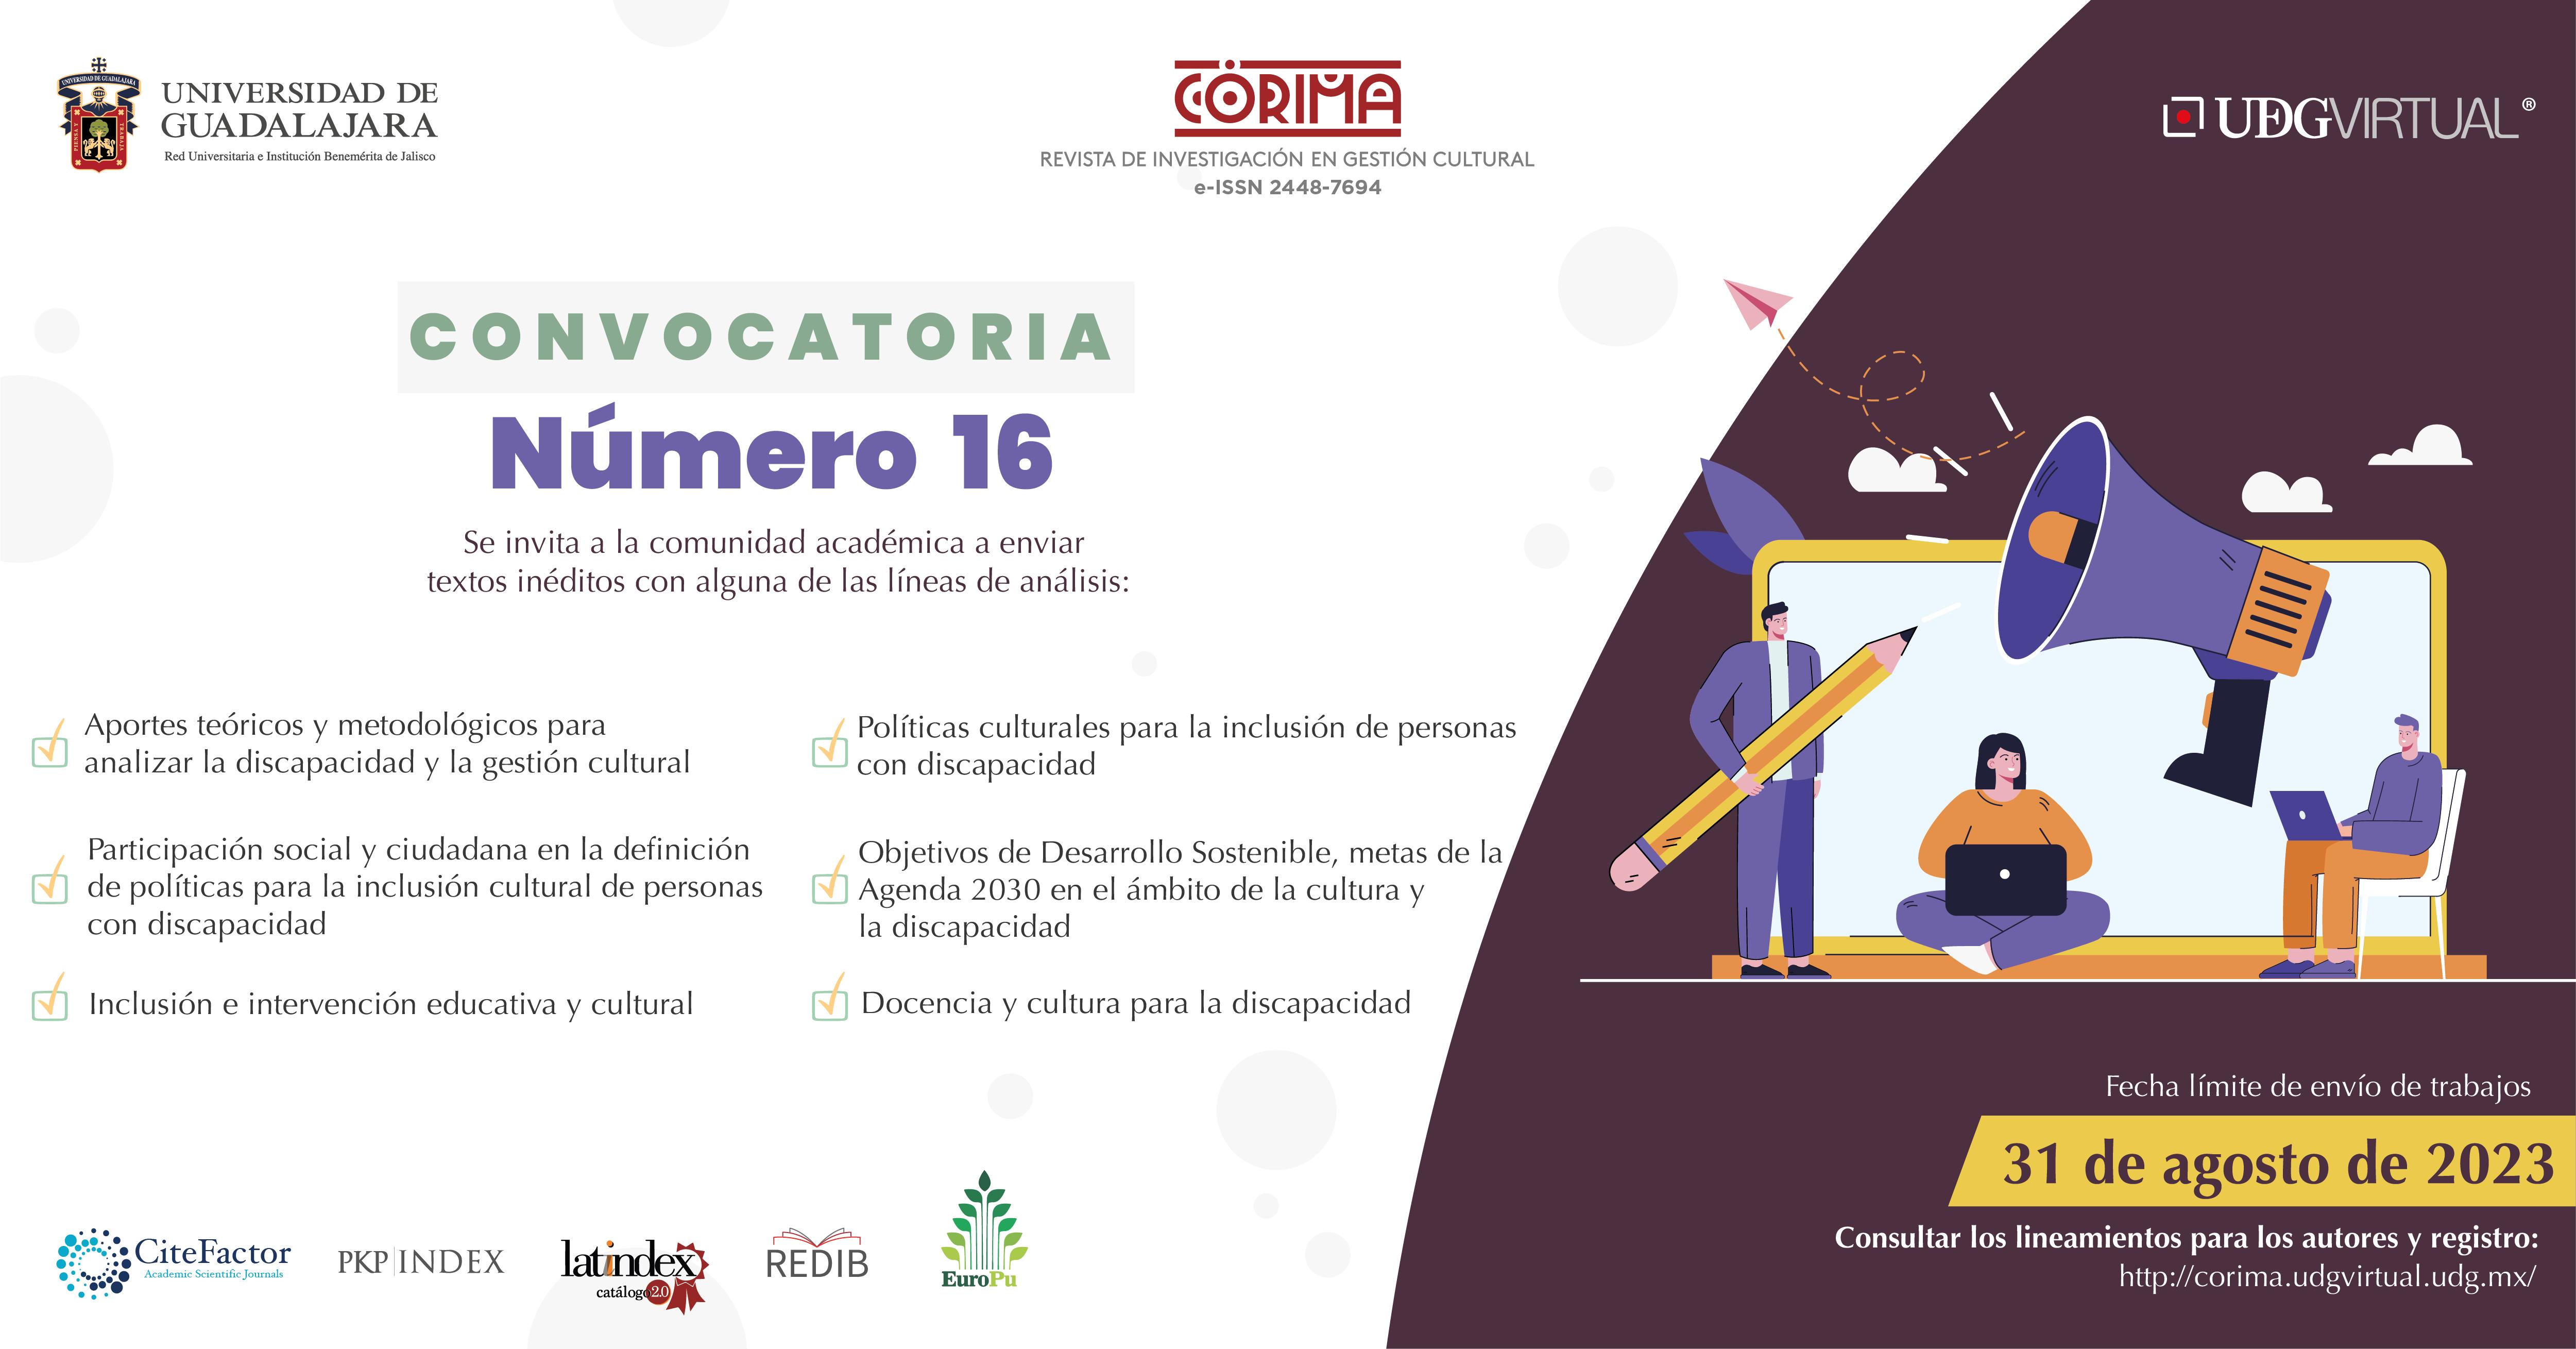 Córima, Revista de Investigación en Gestión Cultural (e-ISSN 2448-7694)